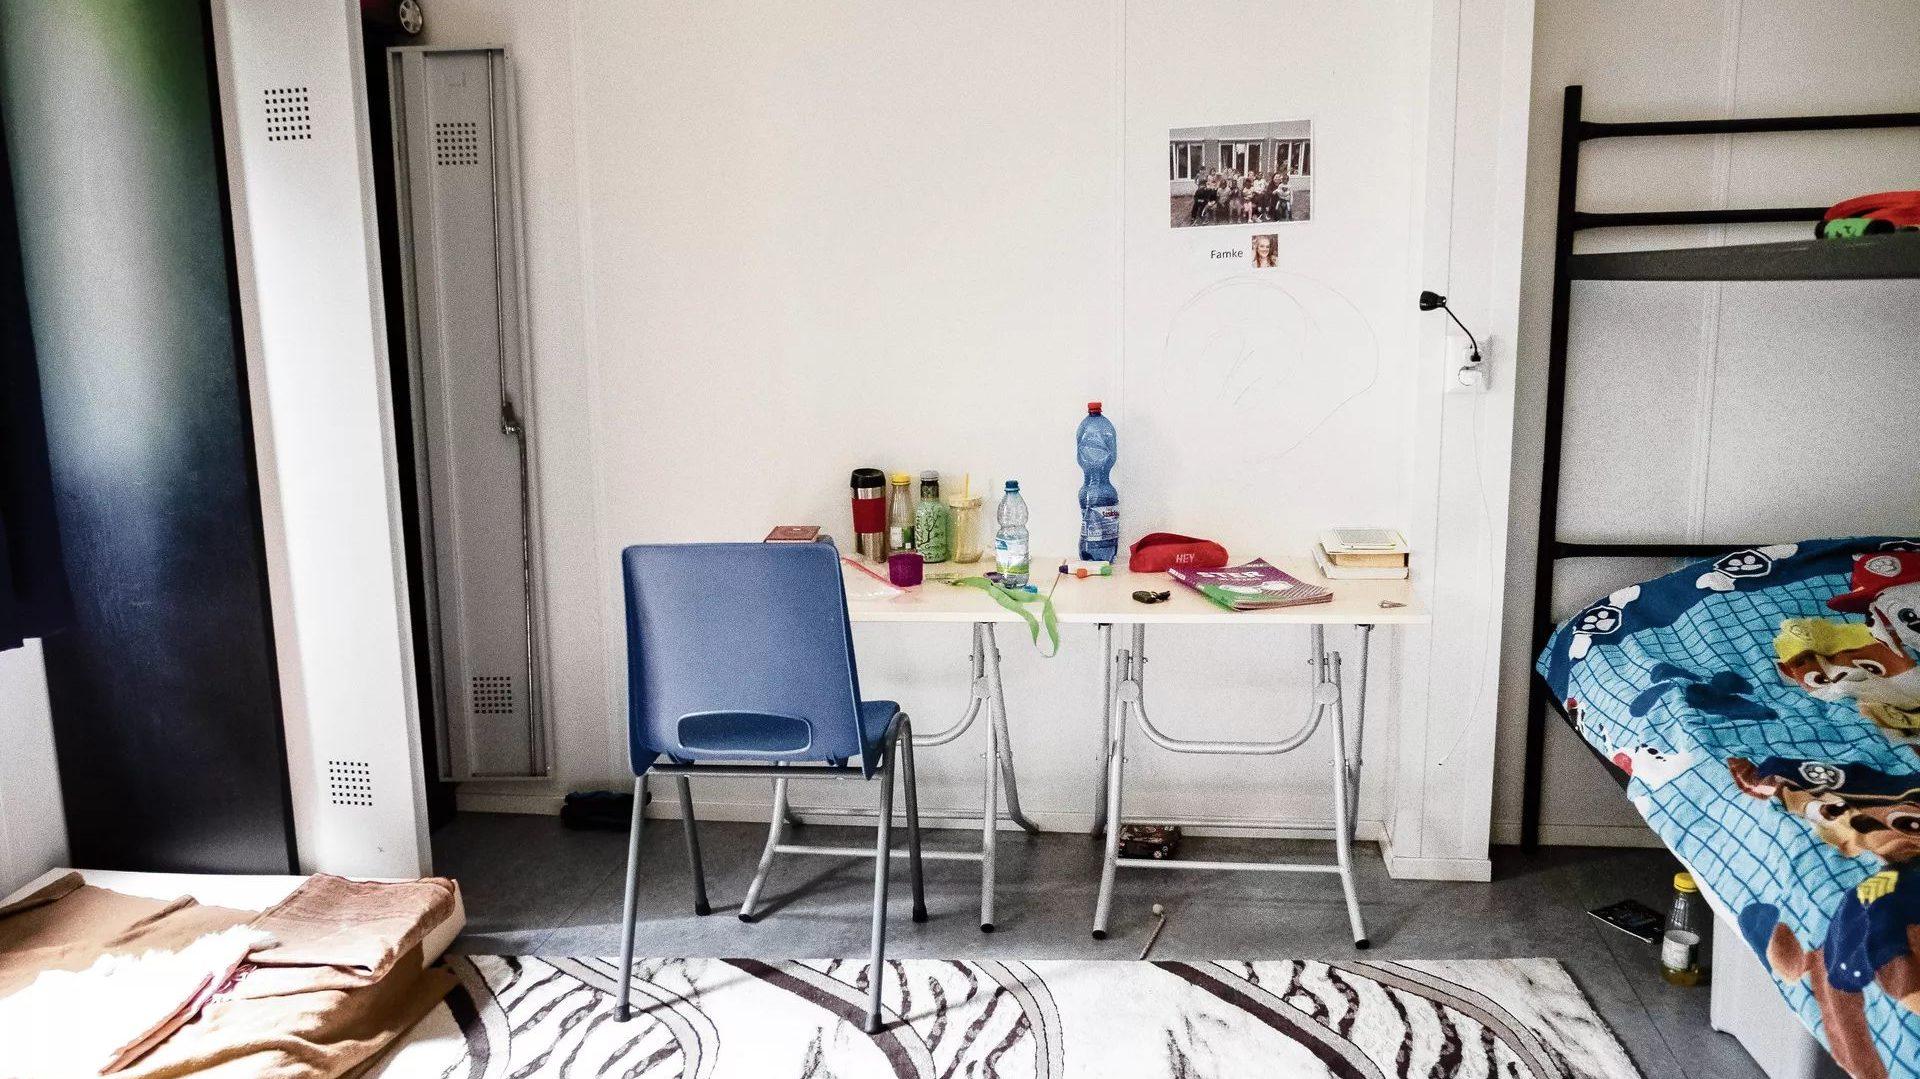 Room at AZC. Photo: © Paulien van de Loo/Hollandse Hoogte, via NRC: https://www.nrc.nl/nieuws/2020/06/10/in-hotpants-het-azc-uit-uitbuiting-a4002284